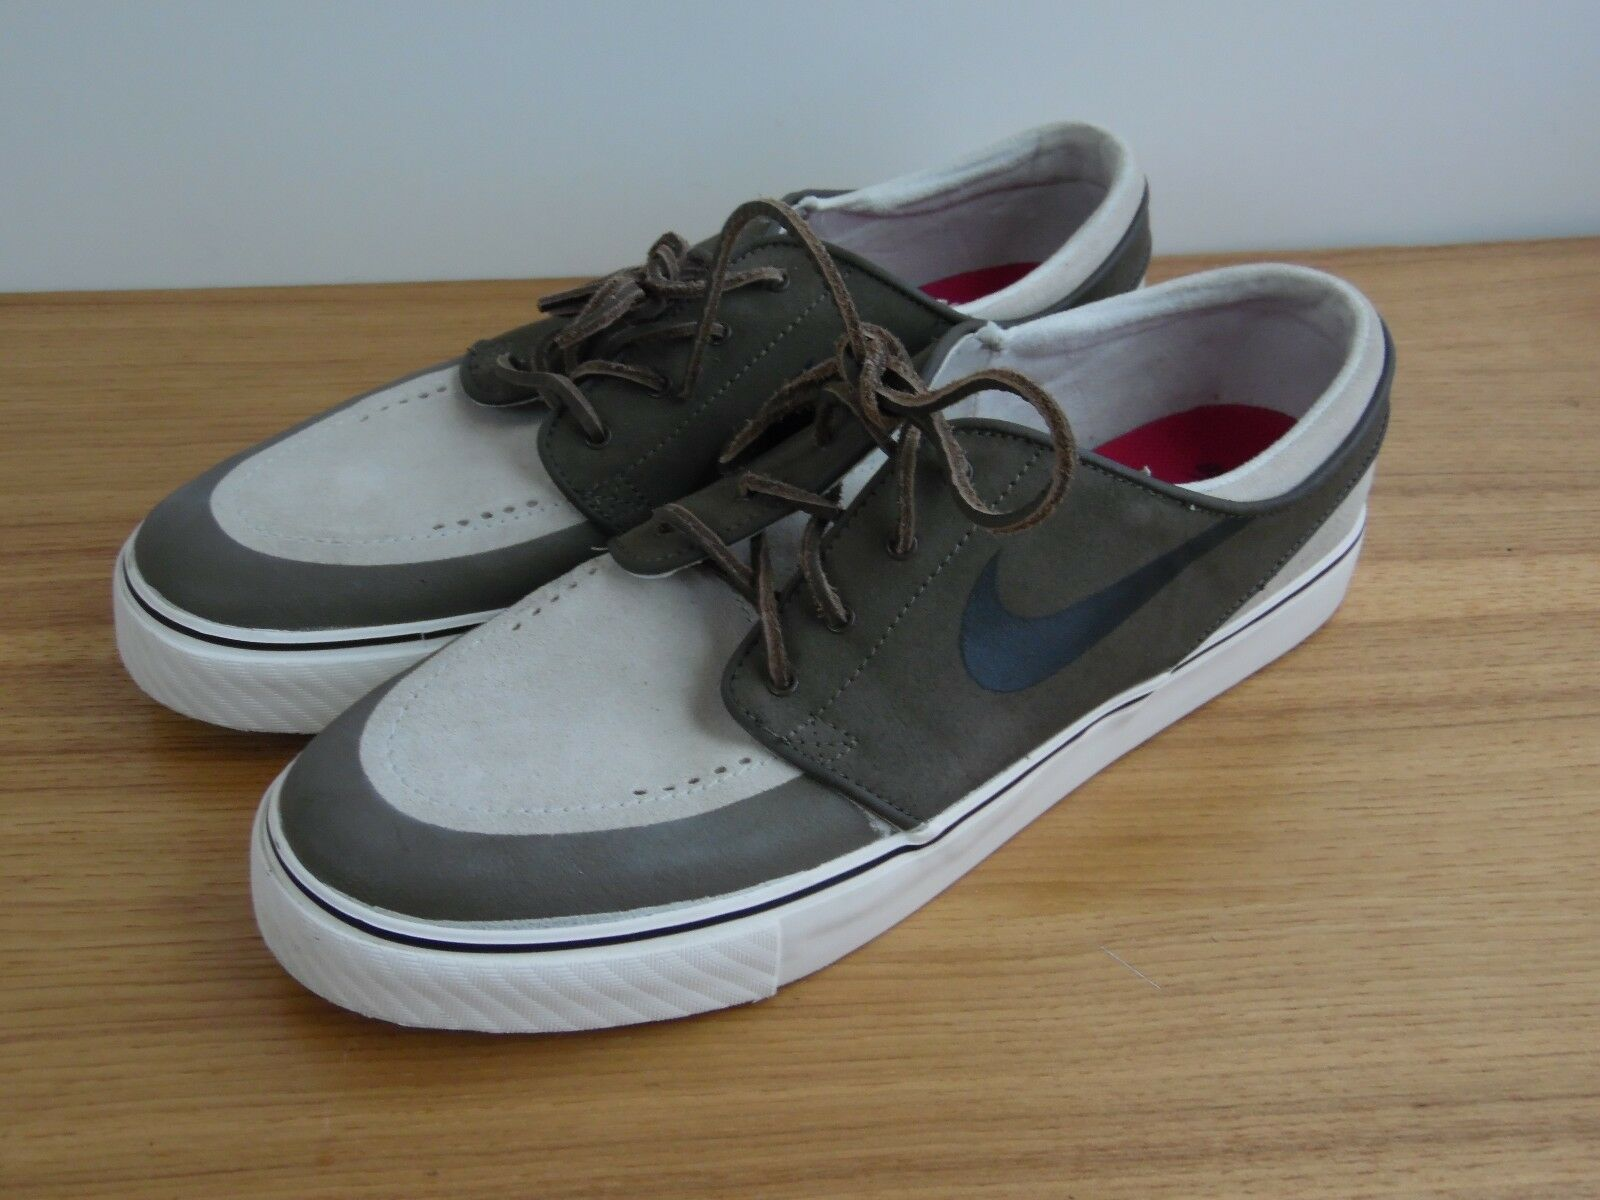 Mens nike stefan janoski janoski janoski sb zoom air grigio   Marroneee con scarpe da ginnastica taglia 12menta | Forte calore e resistenza all'abrasione  935139